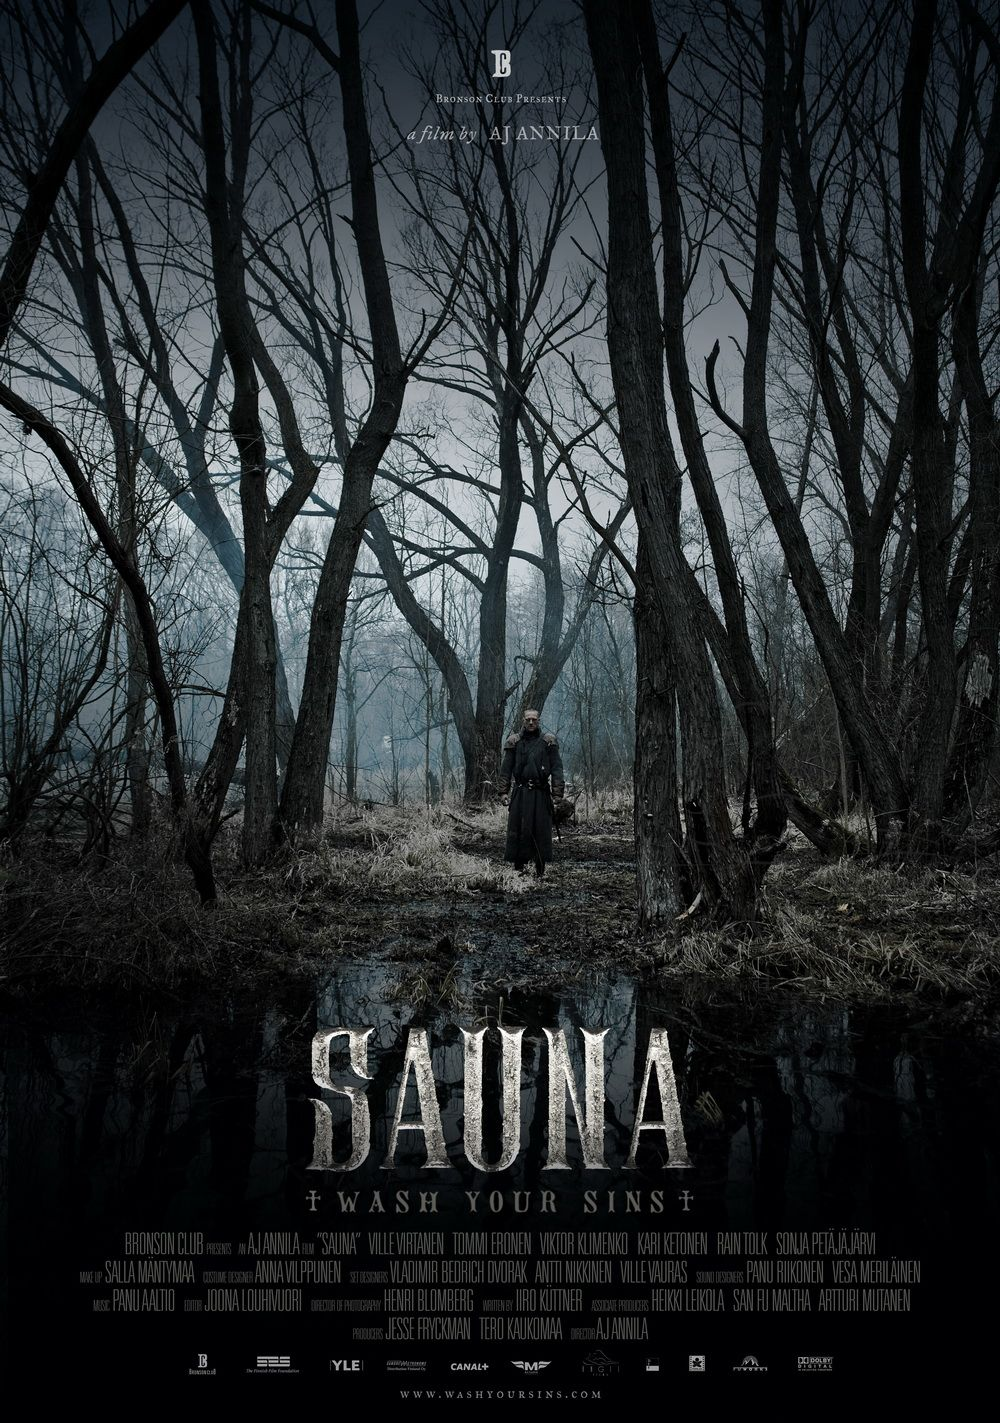 sauna (antti-jussi annila, 2008)